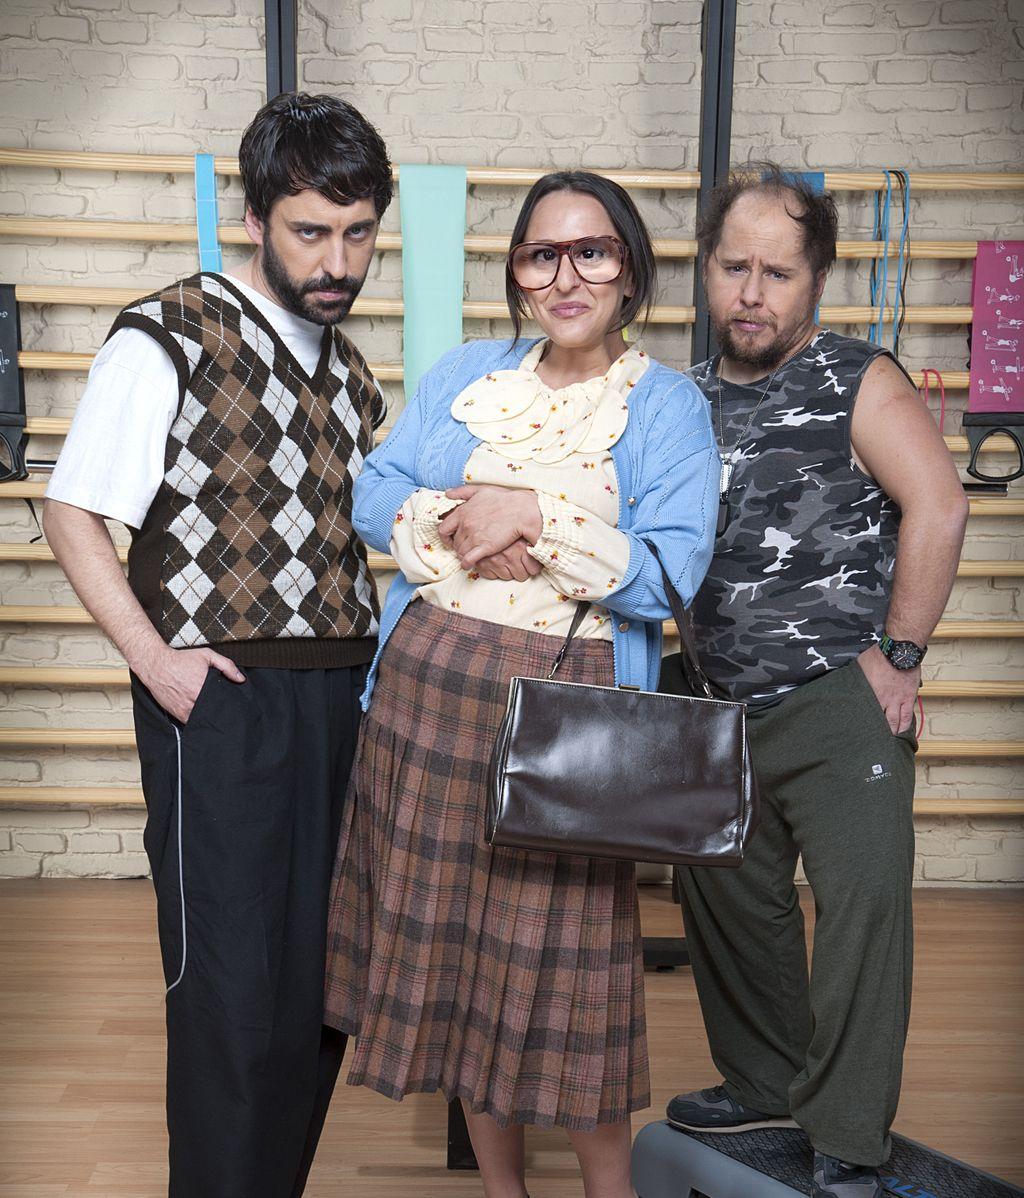 José Troncoso (Carmelo), Tomás Pozzi (Maxi) y Pepa Rus (Secun), en 'Gym Tony L.C.'